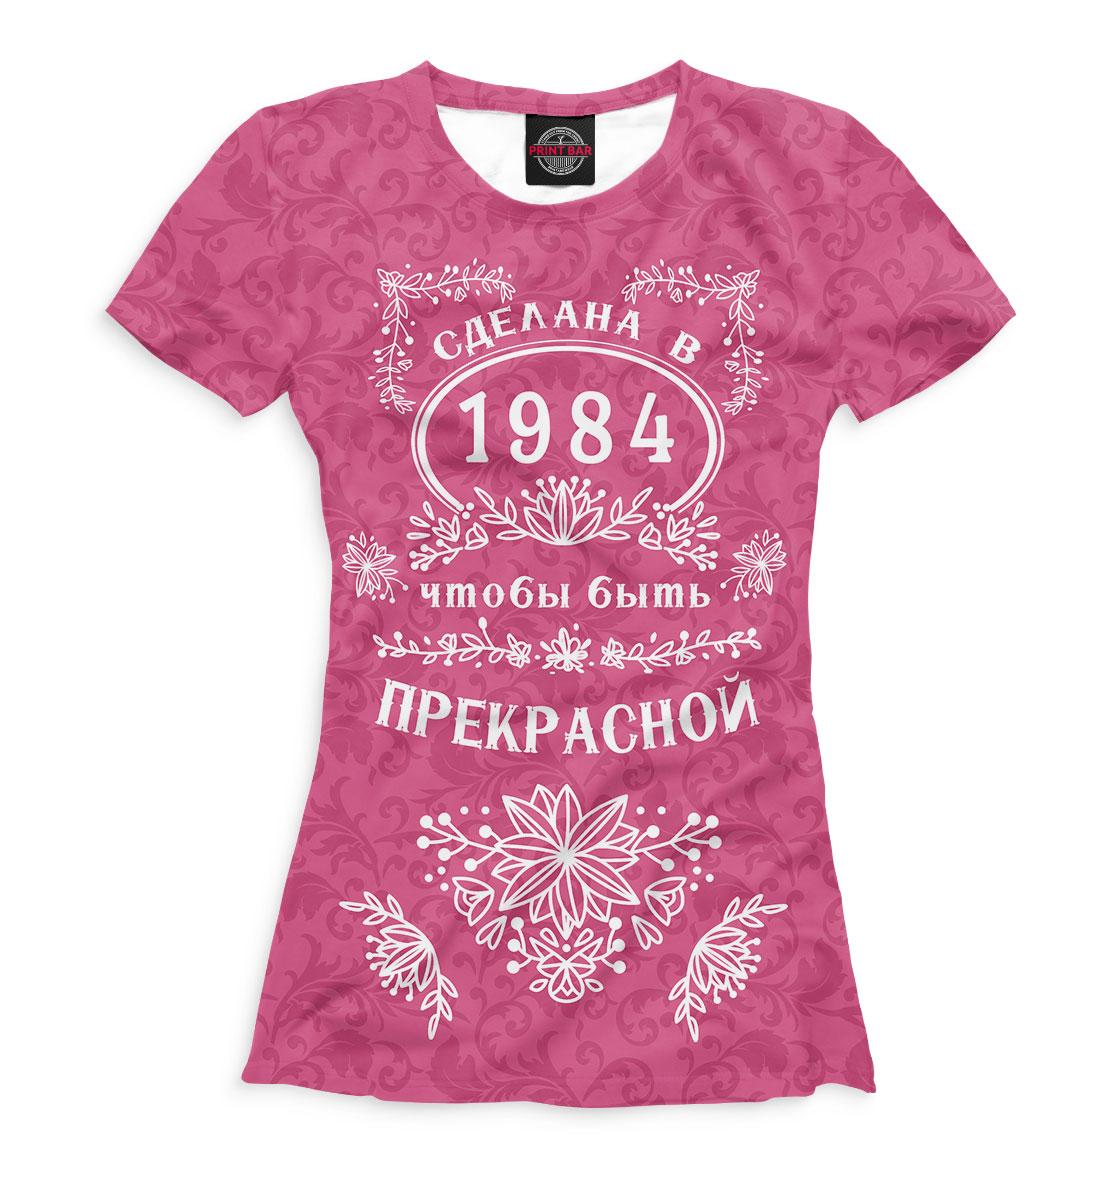 Купить Сделана в 1984, чтобы быть прекрасной, Printbar, Футболки, DVC-266599-fut-1